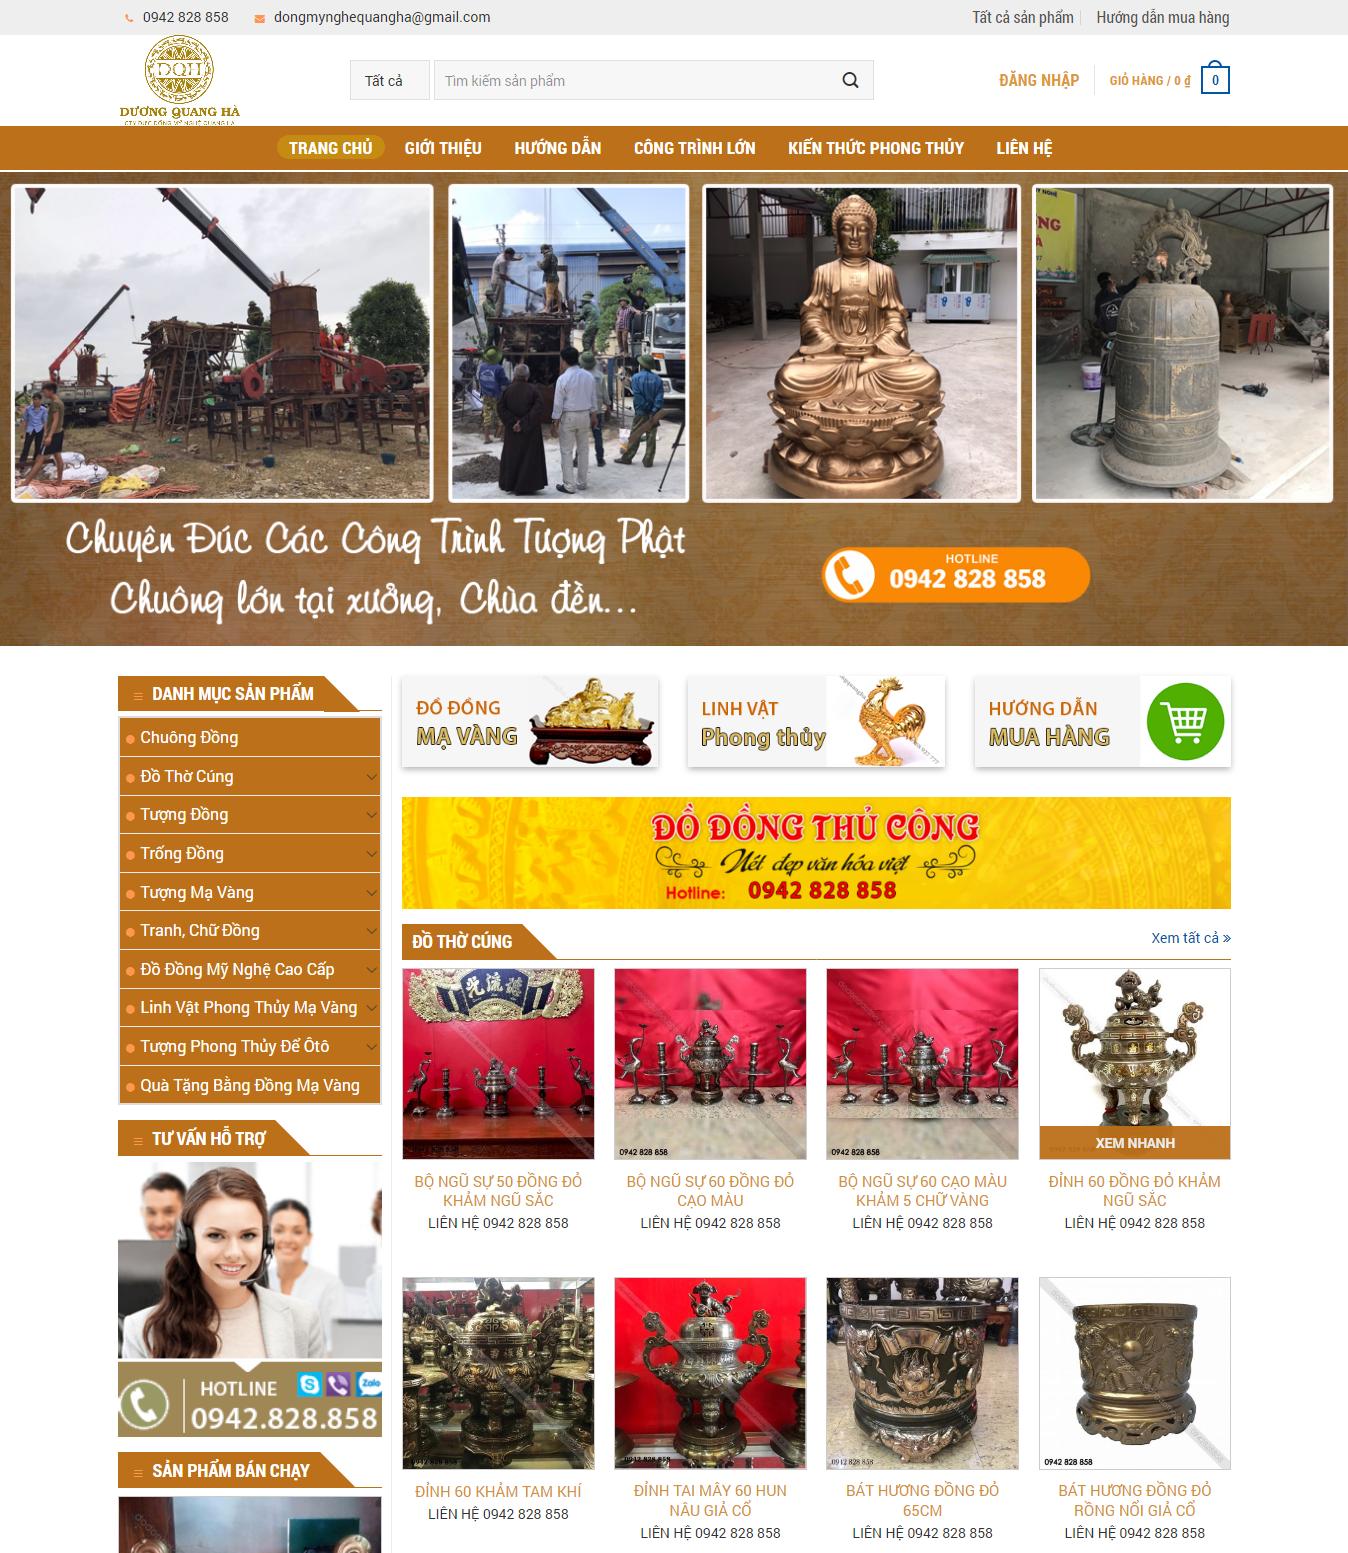 ducdongquangha - Thiết Kế Website